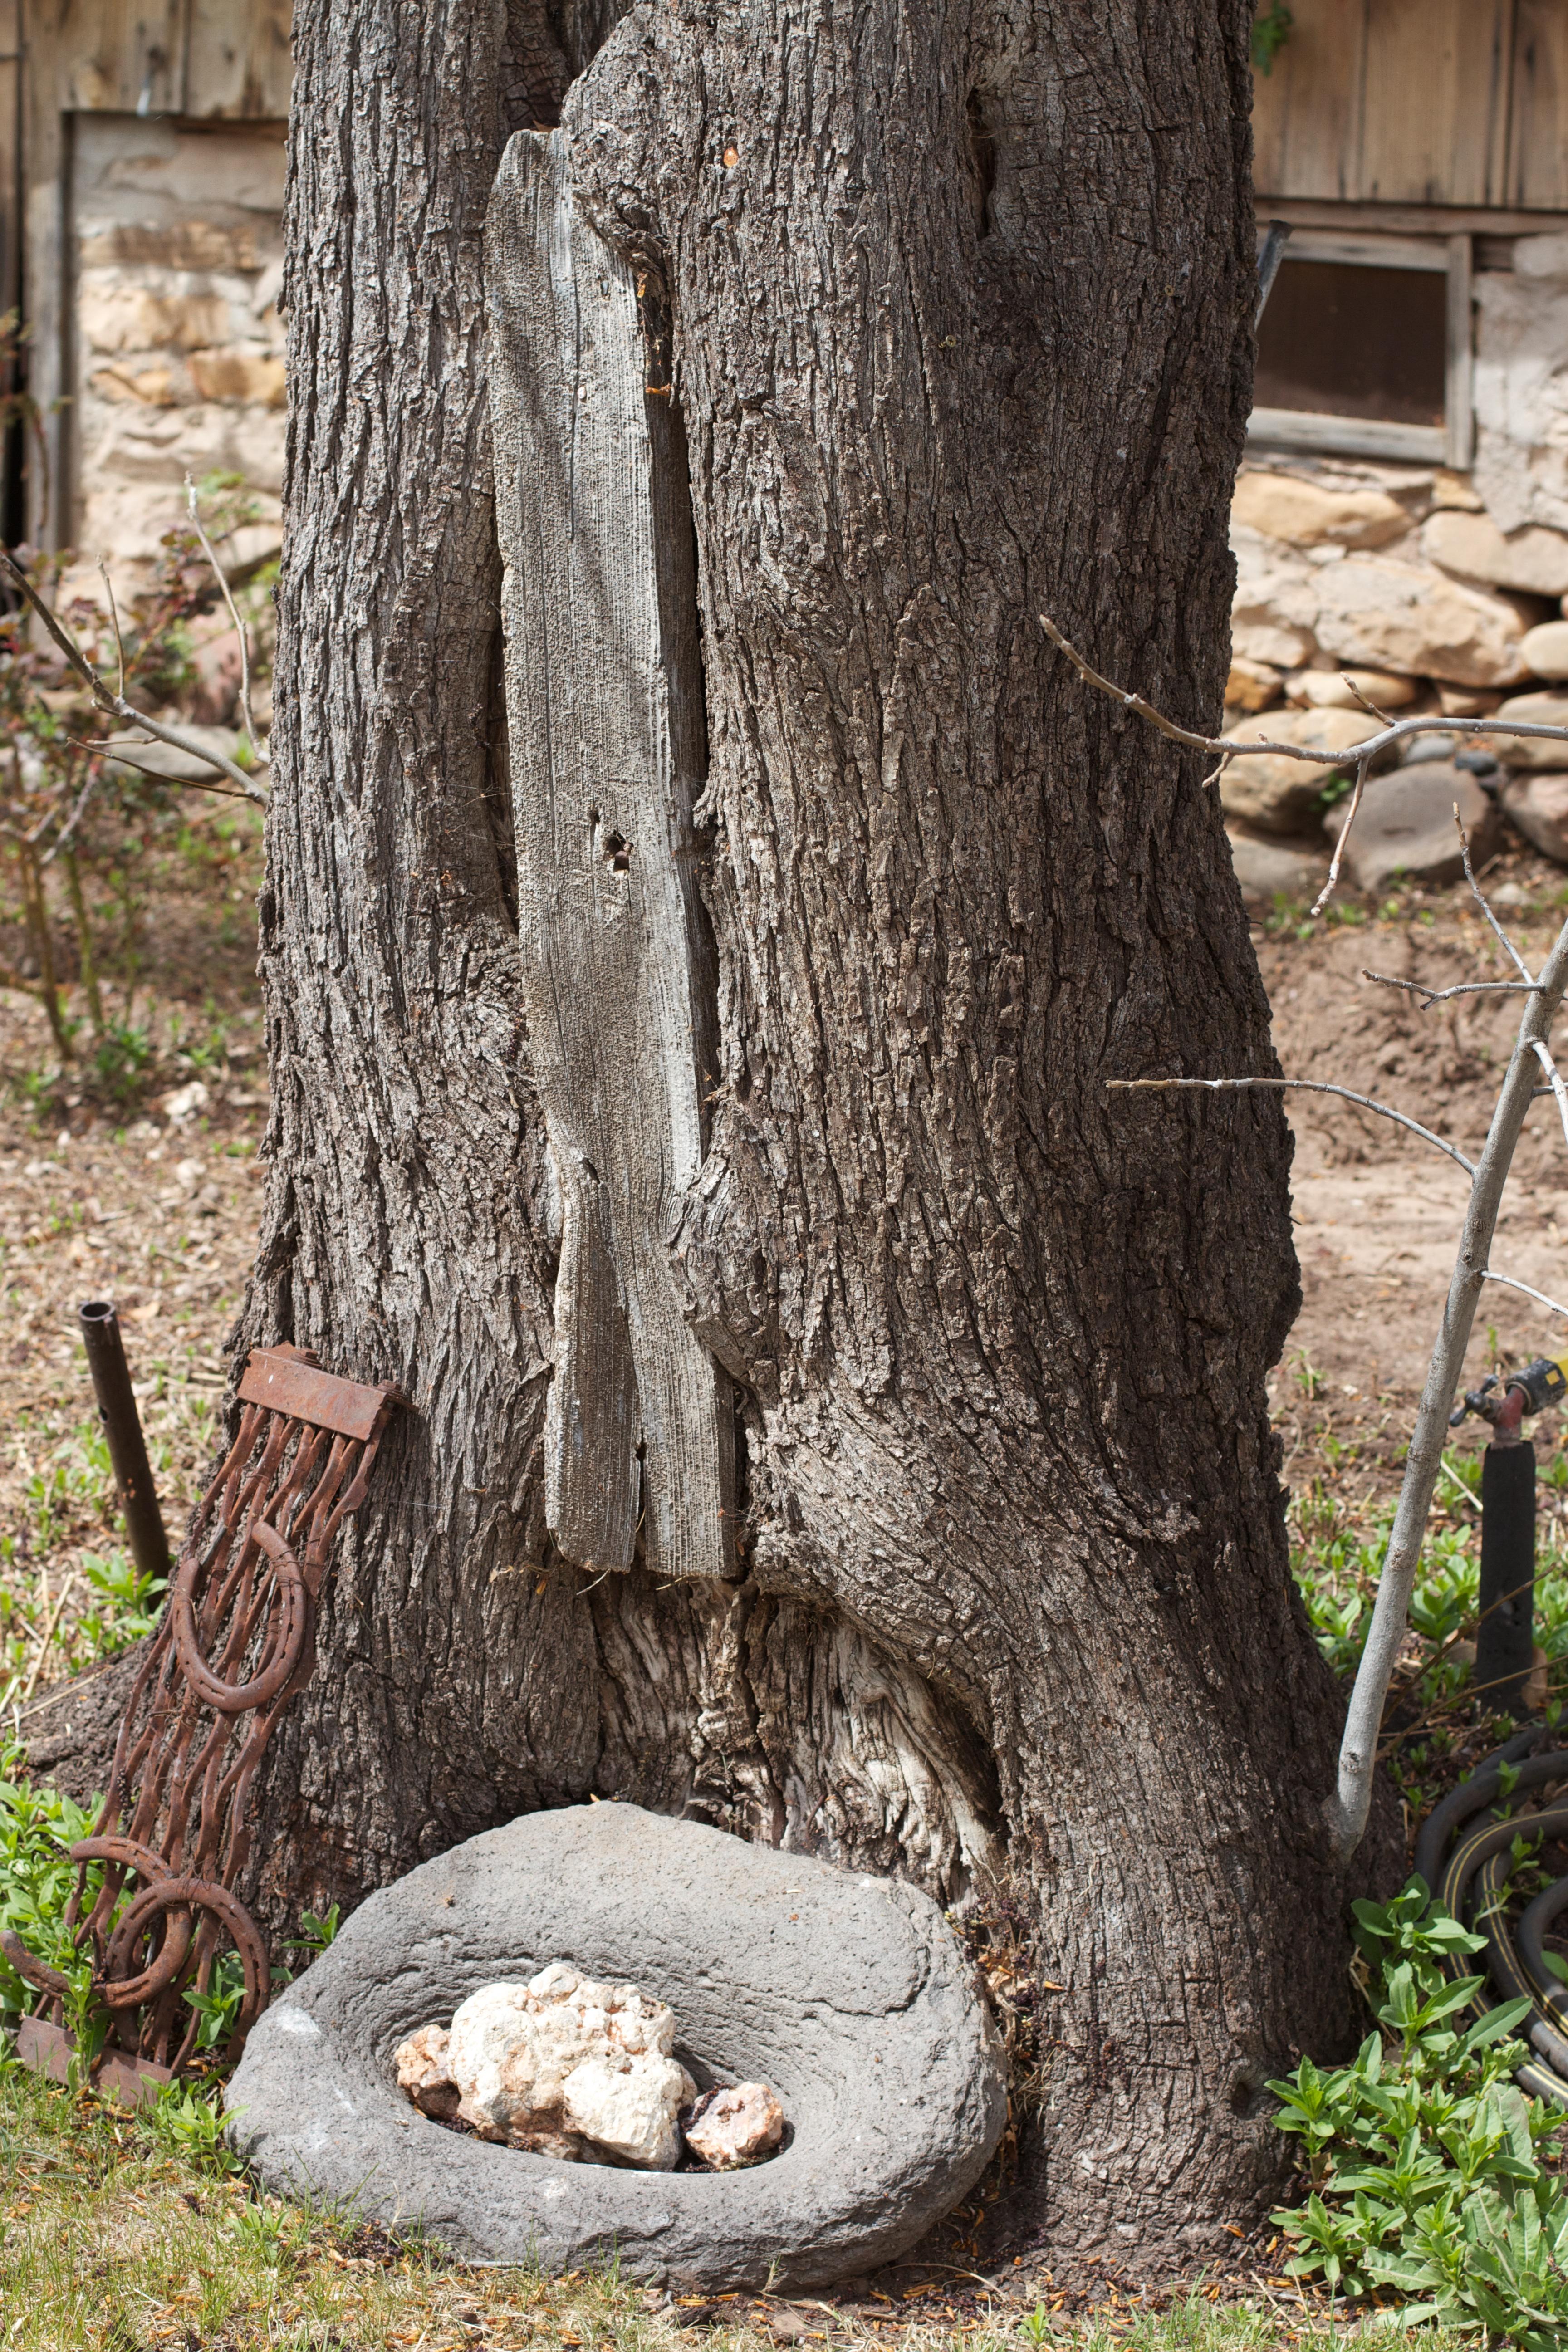 images gratuites arbre roche plante bois tronc sculpture ruines souche d 39 arbre. Black Bedroom Furniture Sets. Home Design Ideas